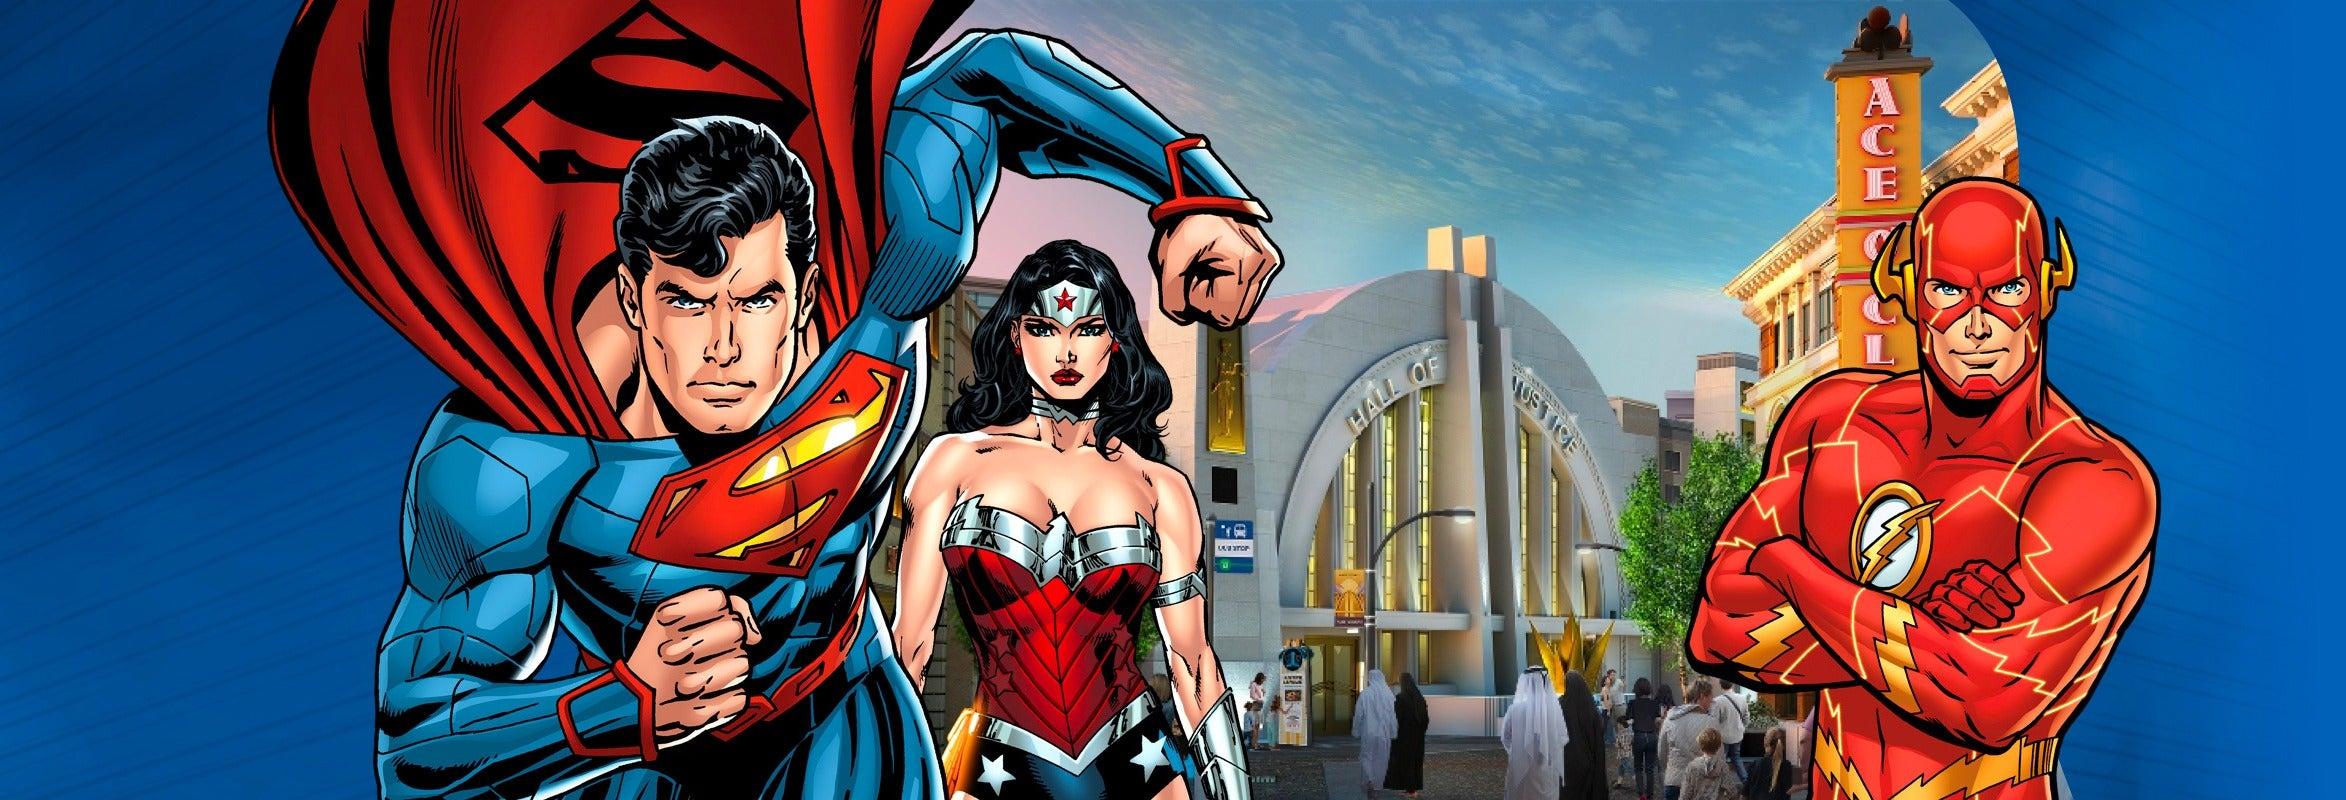 Excursión a Warner Bros Abu Dhabi